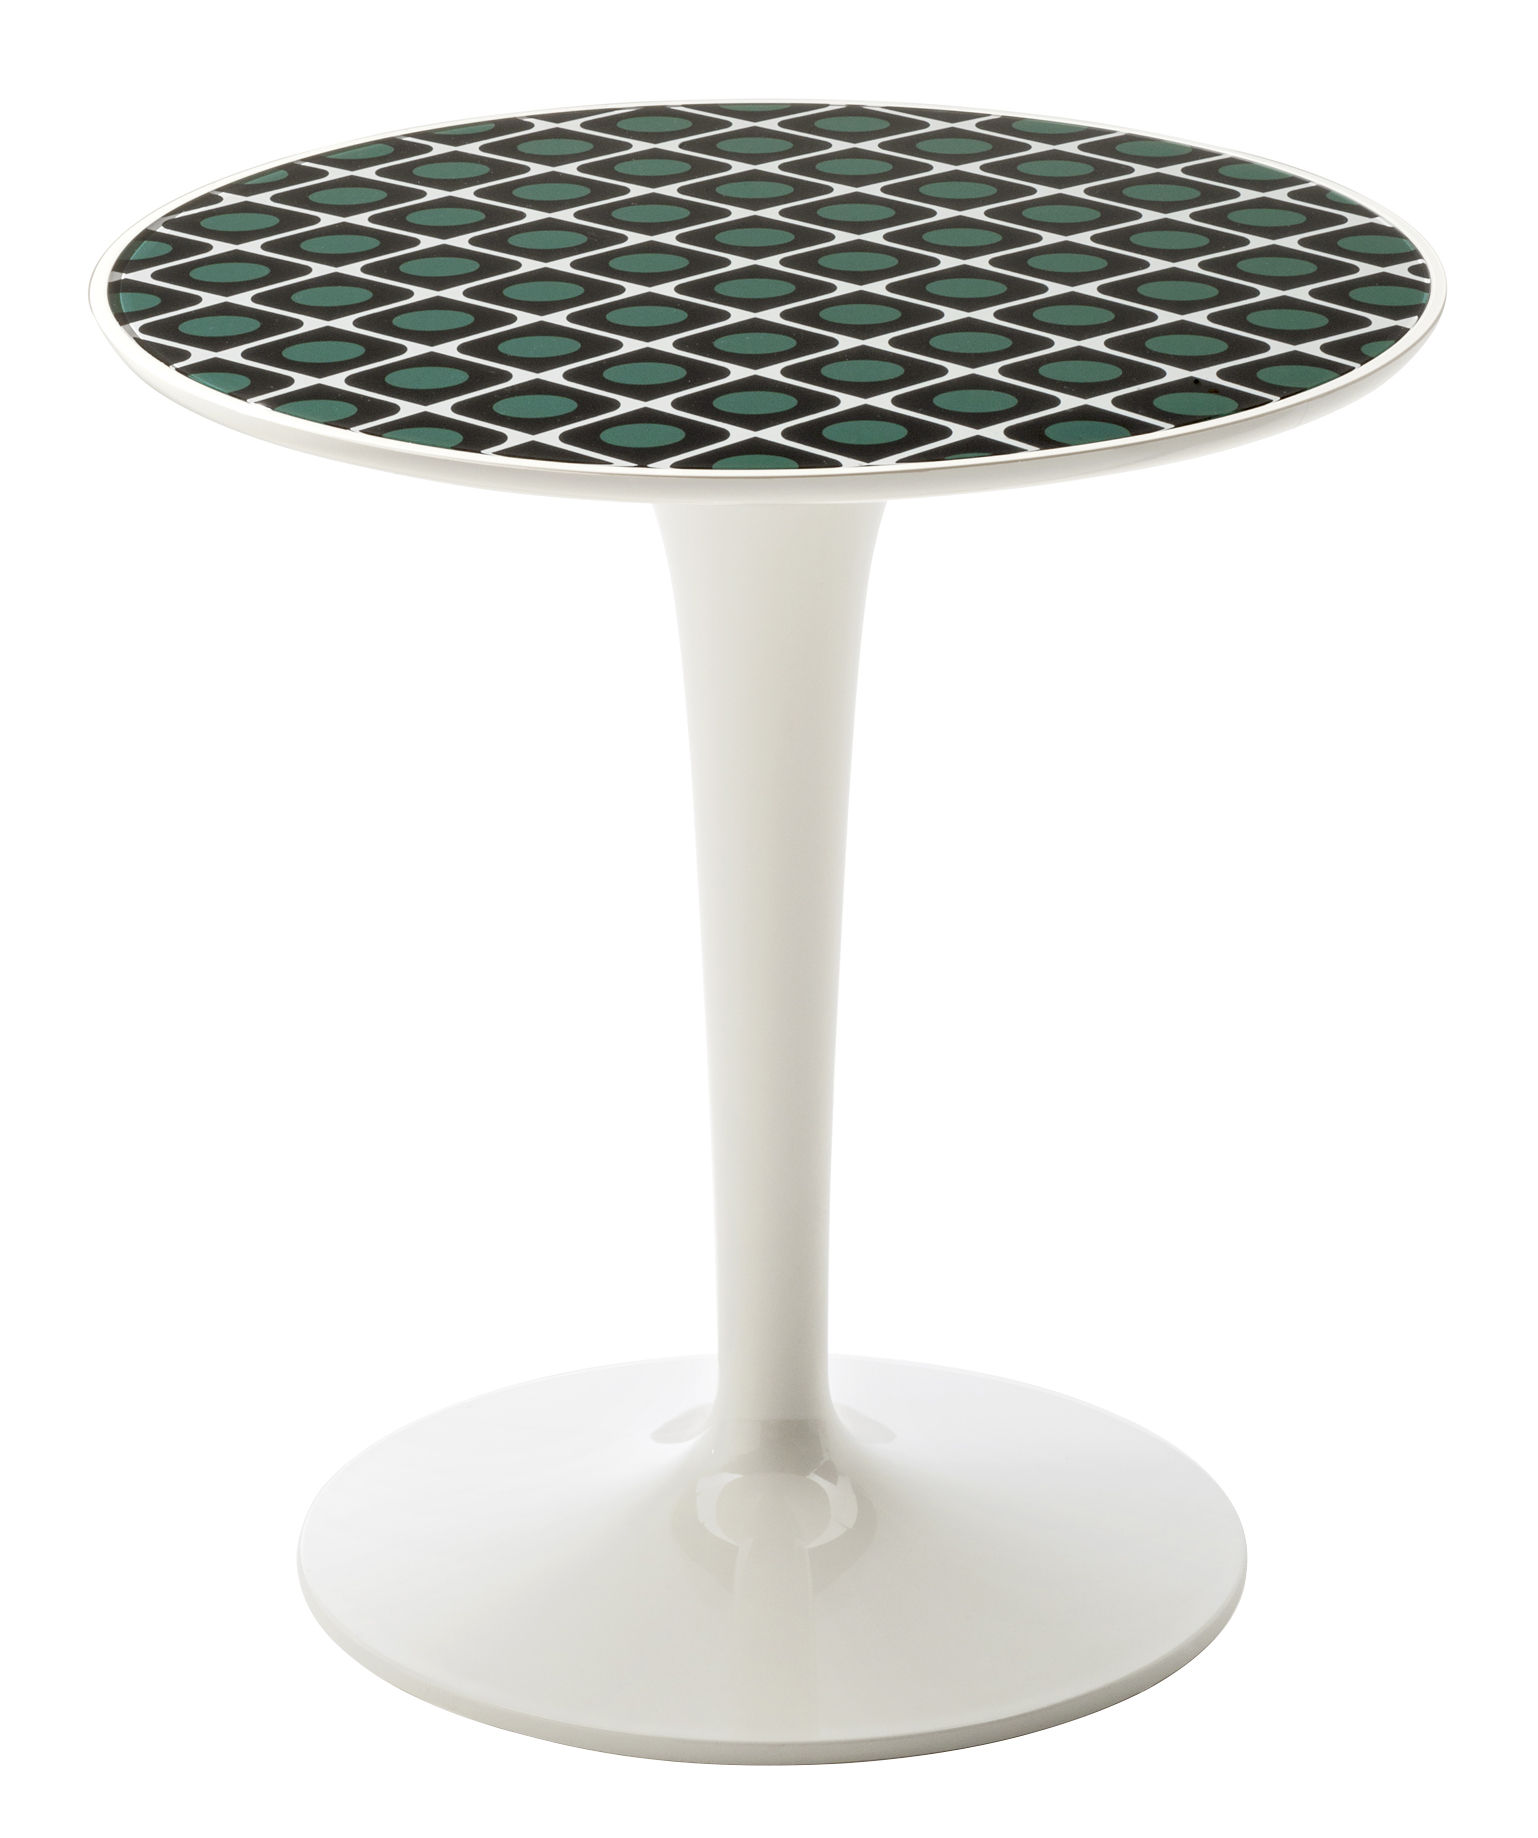 Arredamento - Tavolini  - Tavolino d'appoggio Tip Top La Double J - / Piano PMMA di Kartell - Oliva / Piede bianco - PMMA